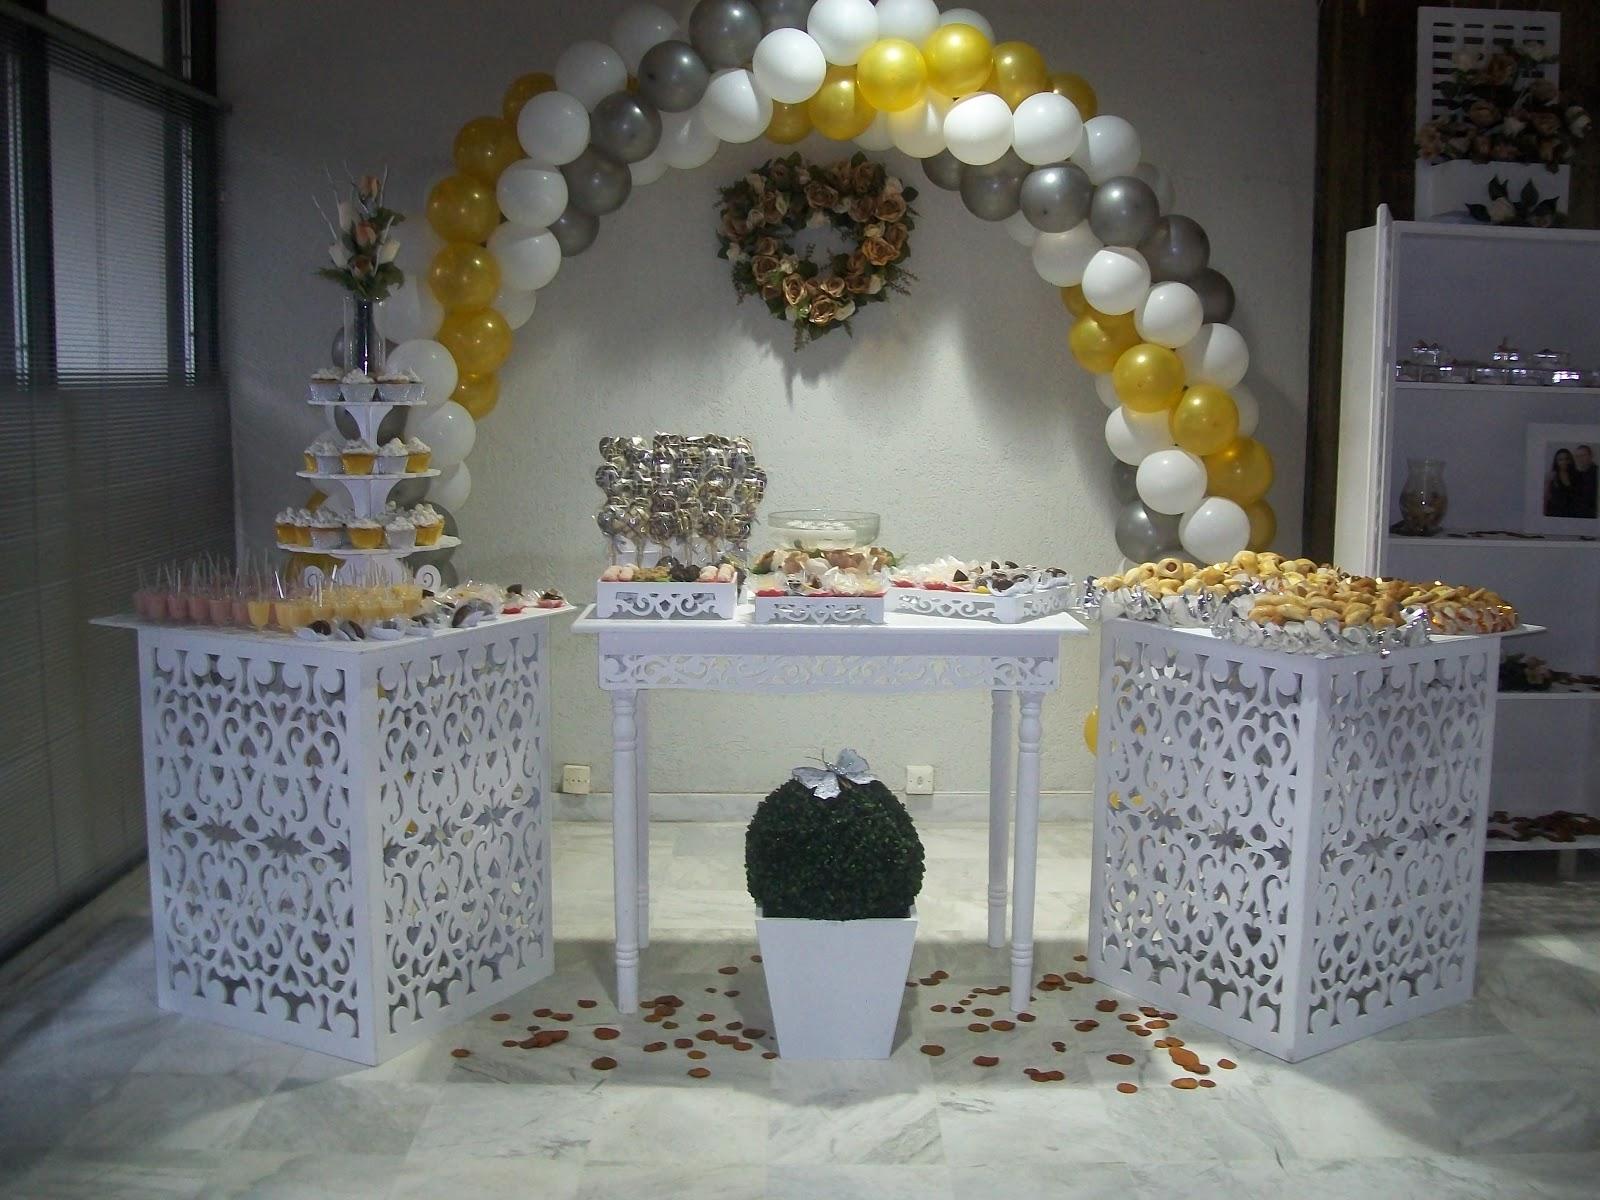 decoracao festa noivado : decoracao festa noivado:Arte Trecos e Mimos: Decoração de noivado.